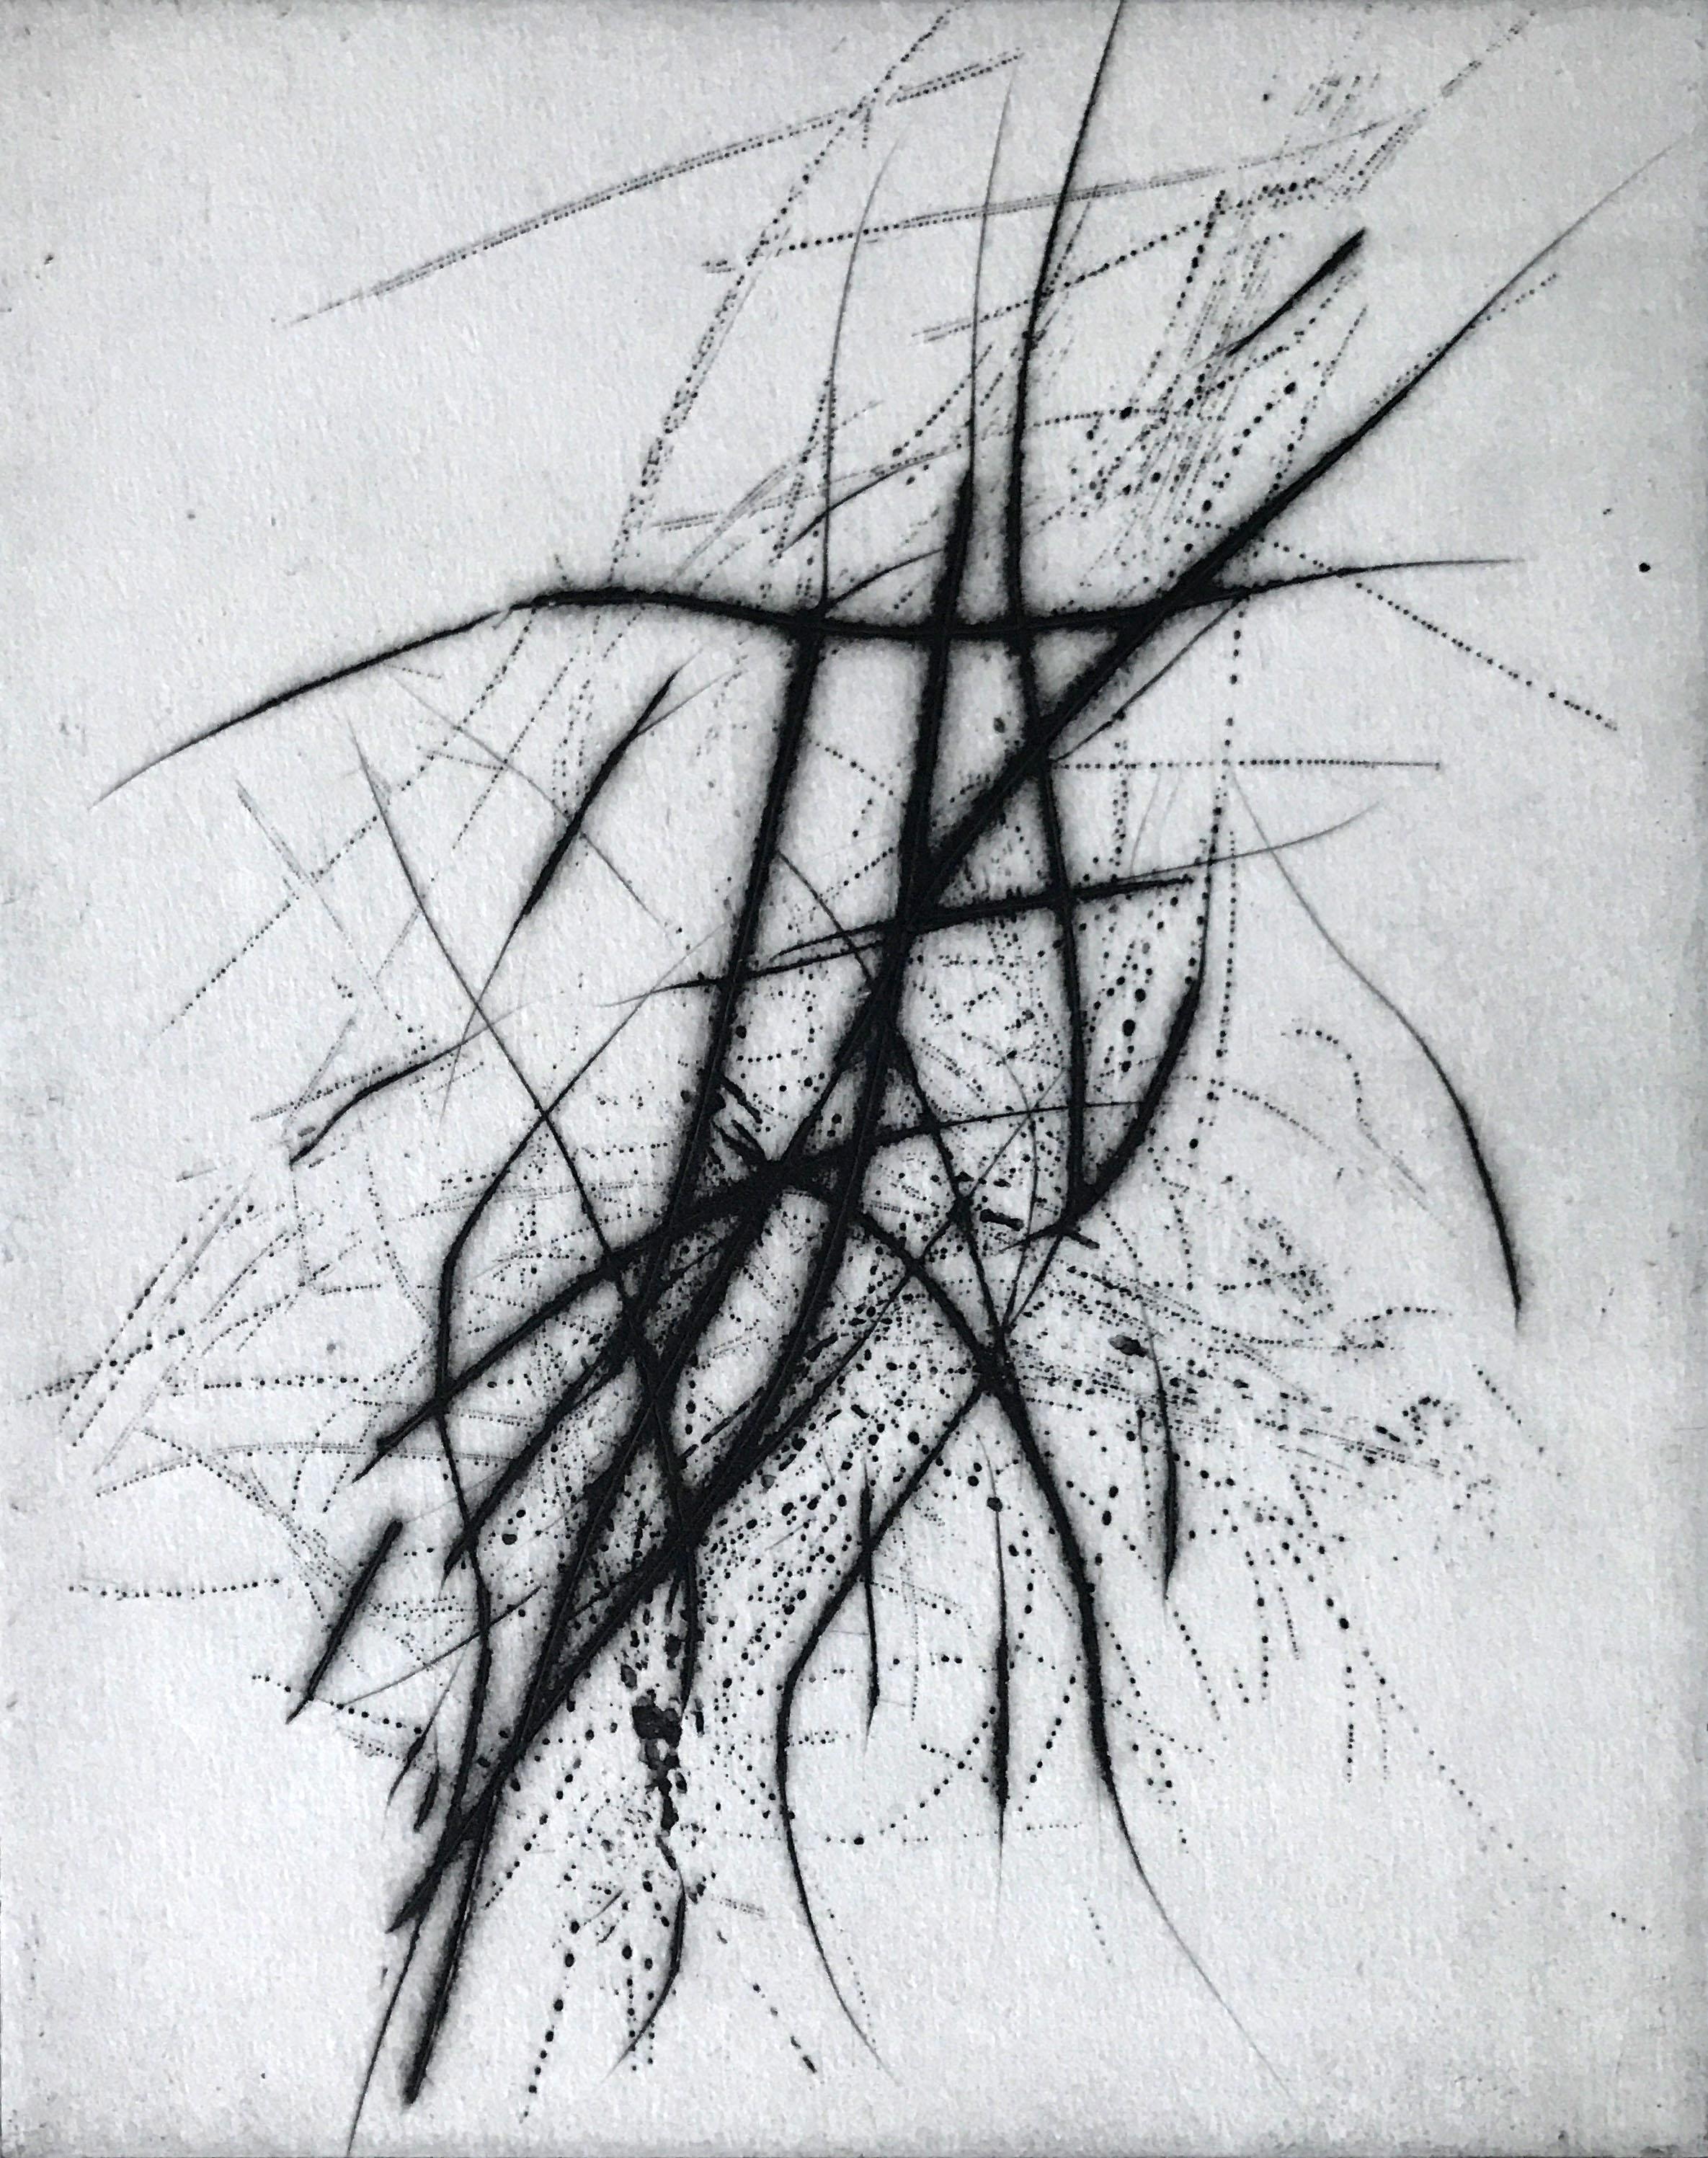 Akkord zu Alfred Schnittke 2020, Reservage/Kaltnadelradierung 25 x 20 cm Plattenmaß